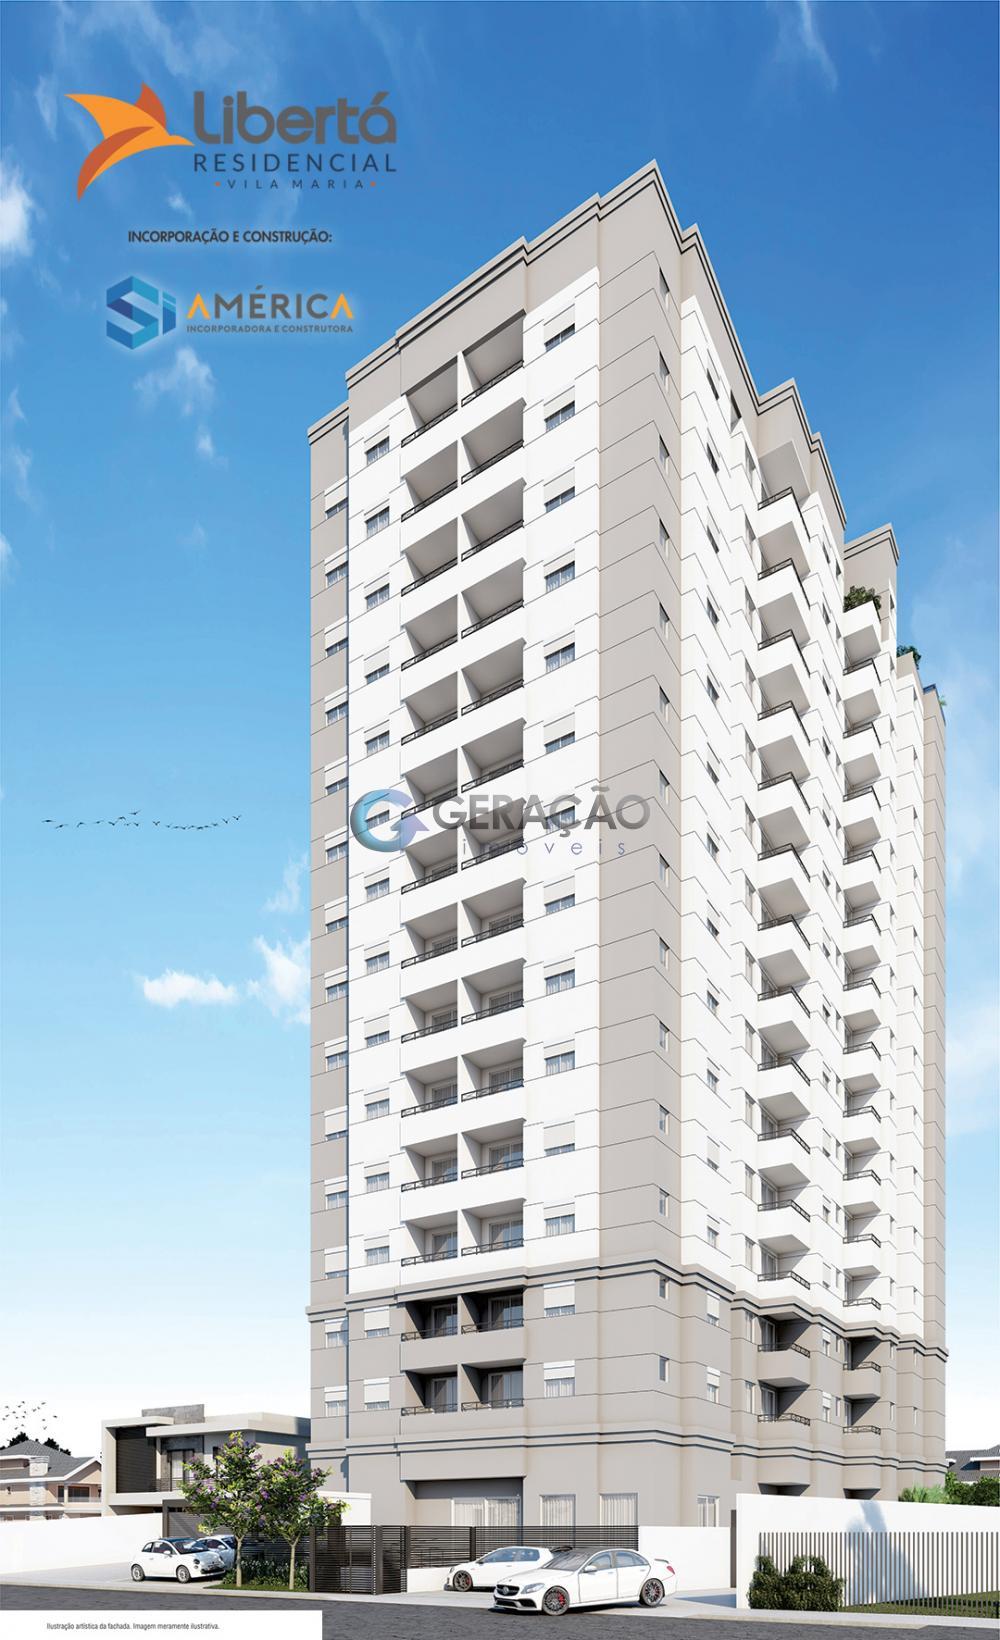 Comprar Apartamento / Padrão em São José dos Campos R$ 218.000,00 - Foto 1